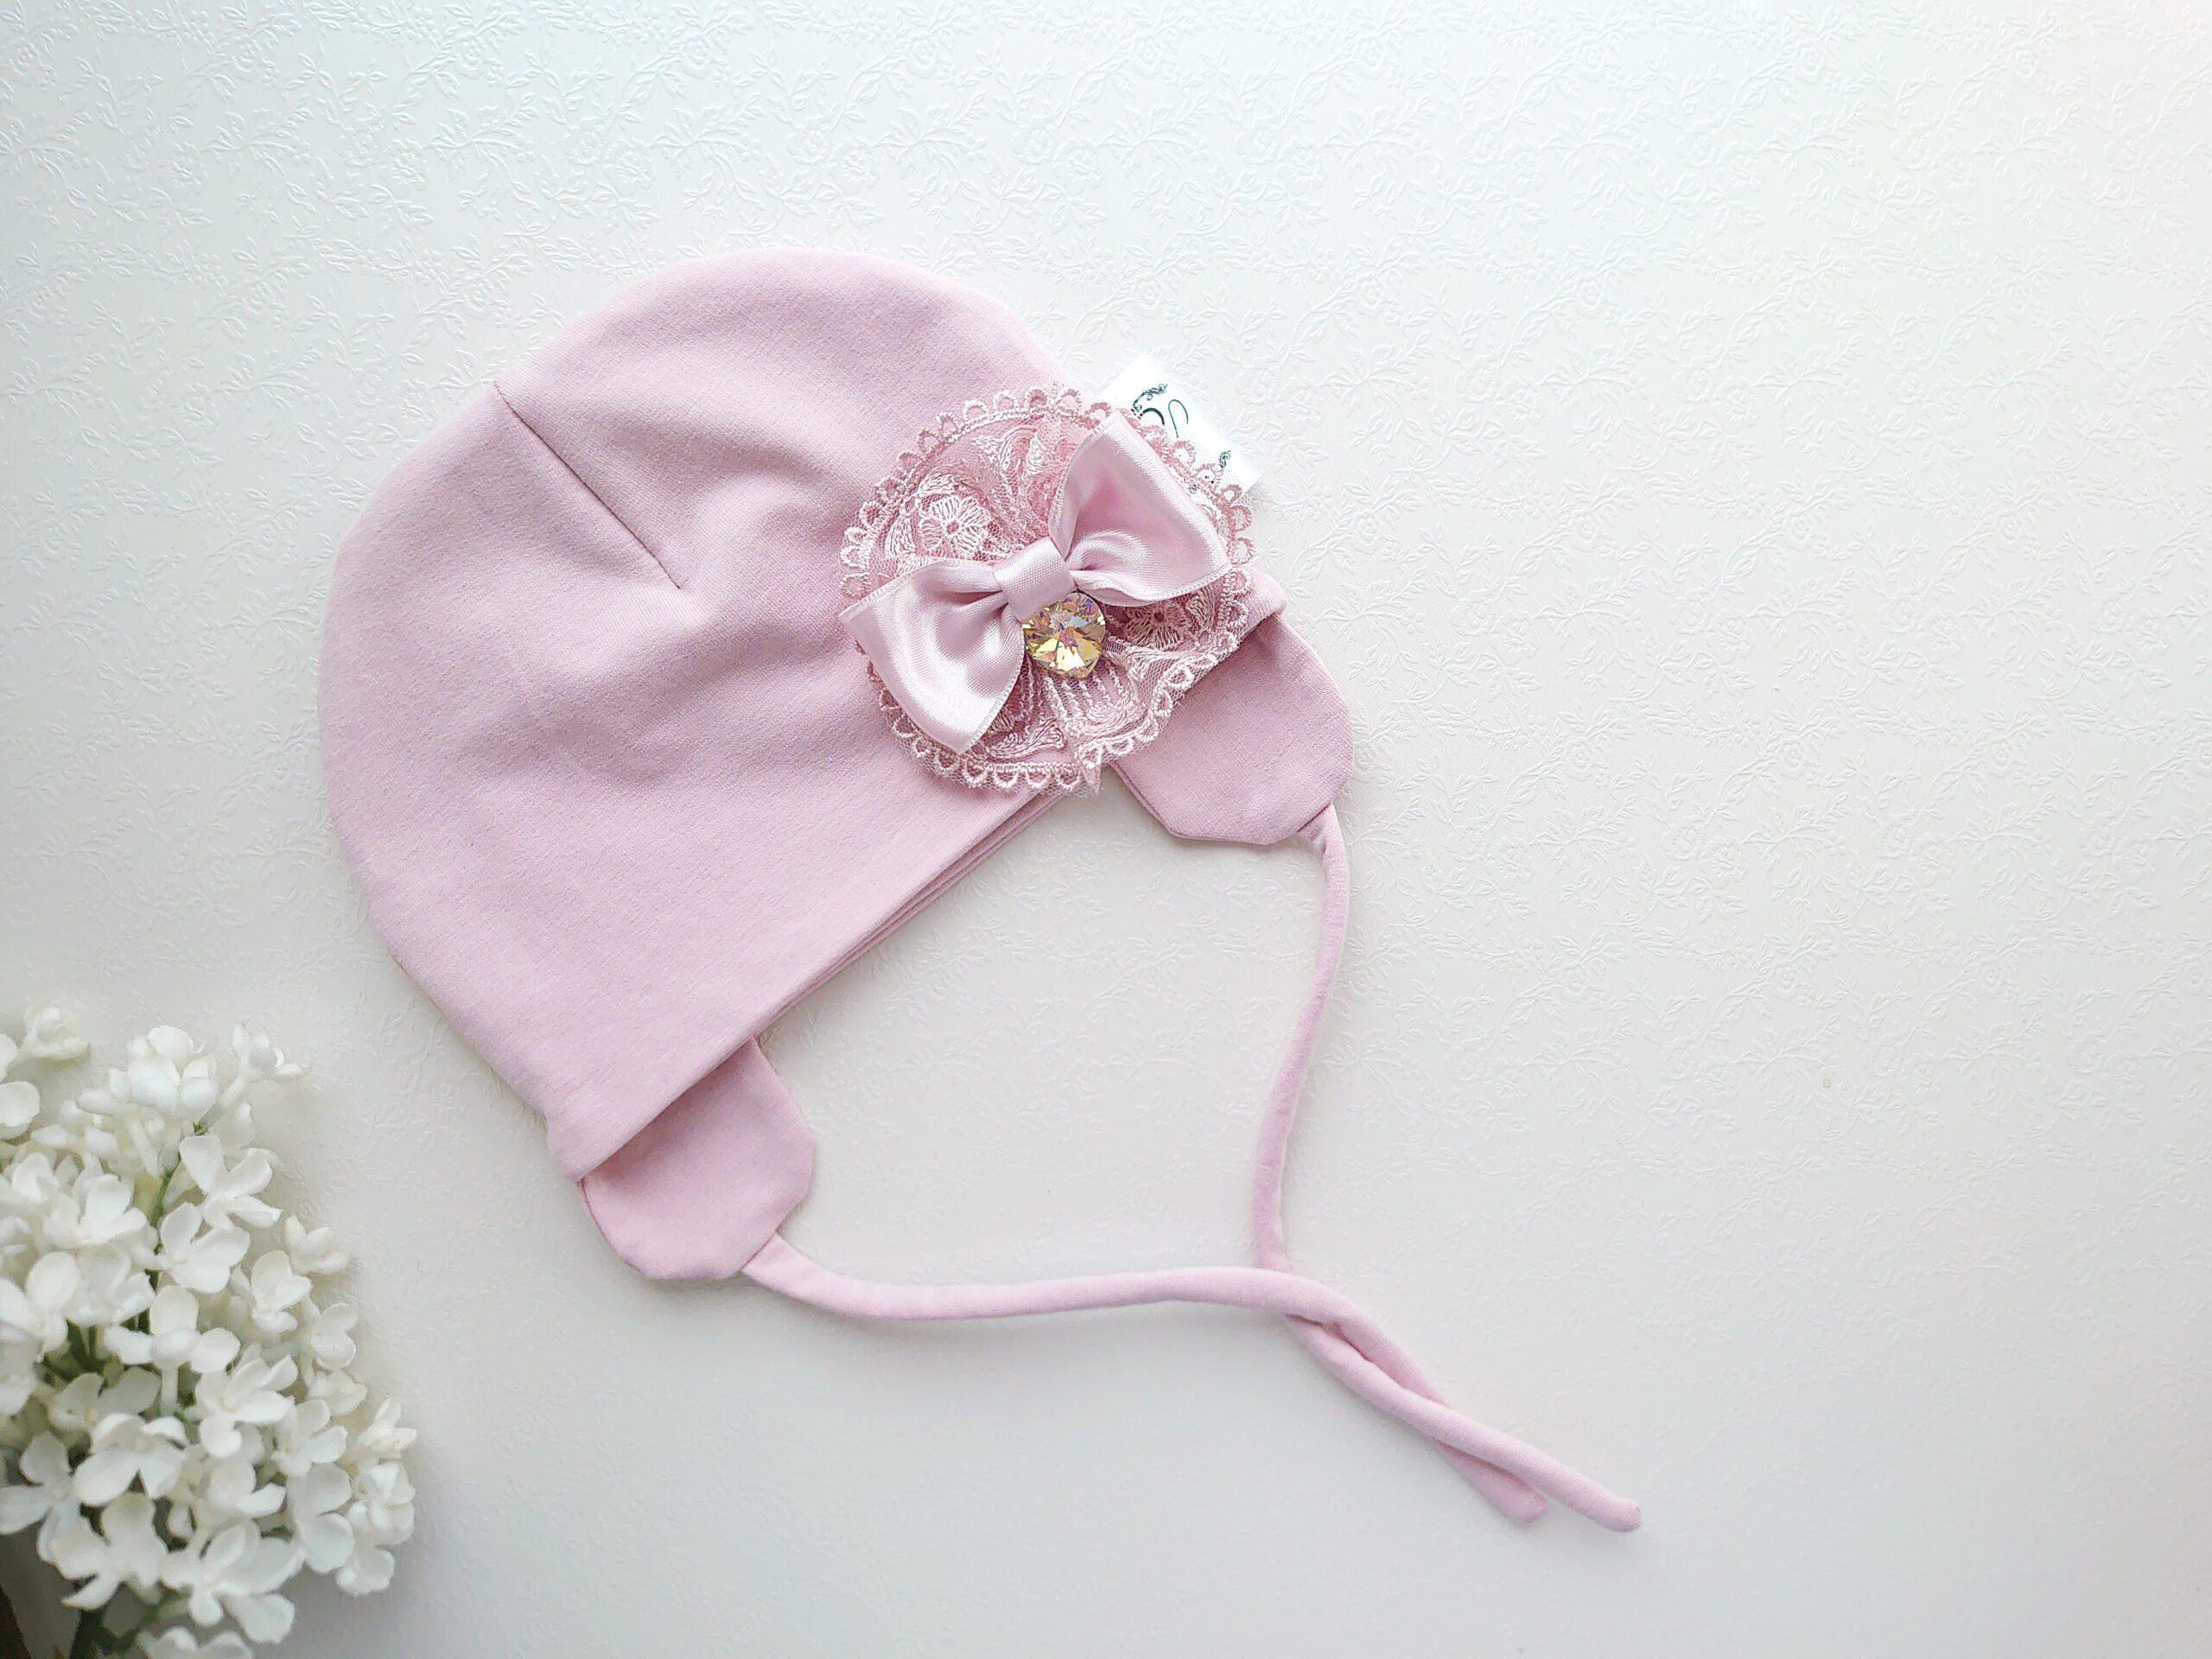 Luksuslik tüdrukute vanaroosa kevadmüts / sügismüts pitsi ja Swarovski kristalliga